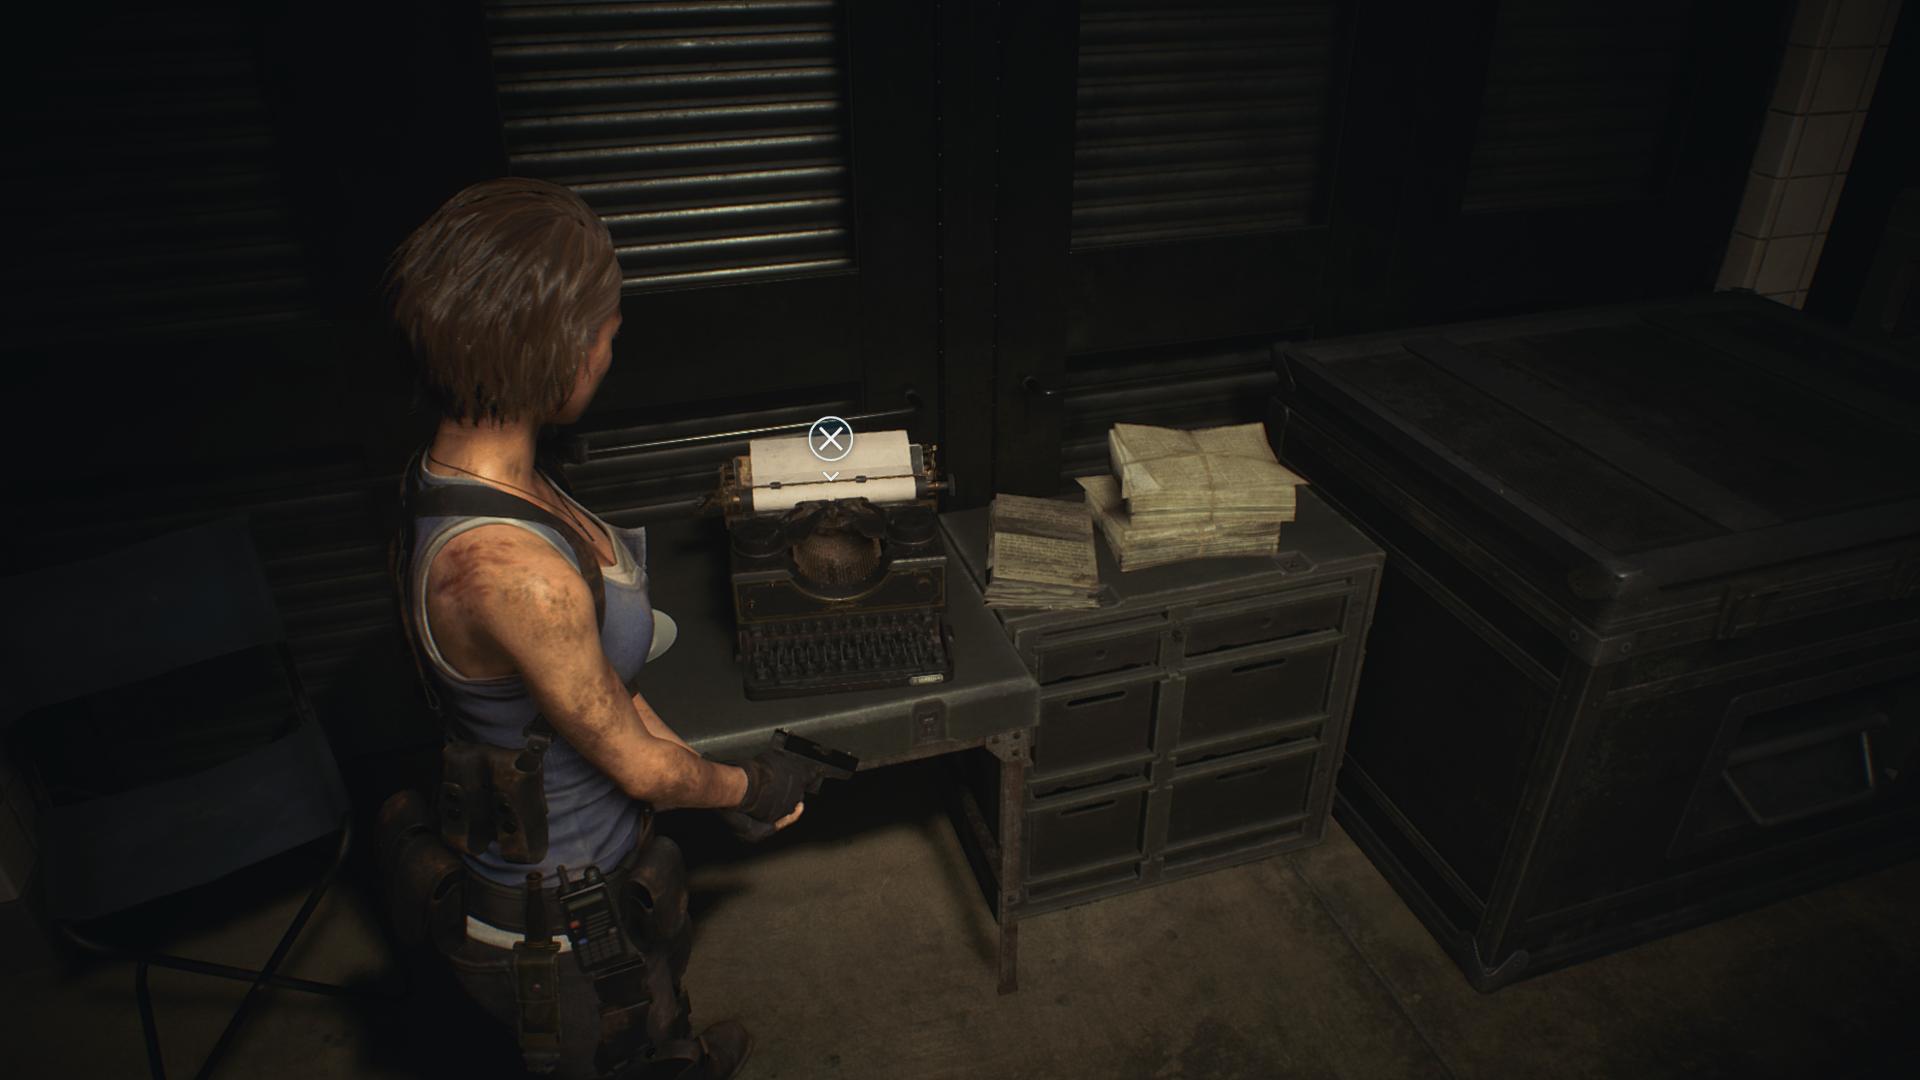 La fameuse machine à écrire pour sauvegarder